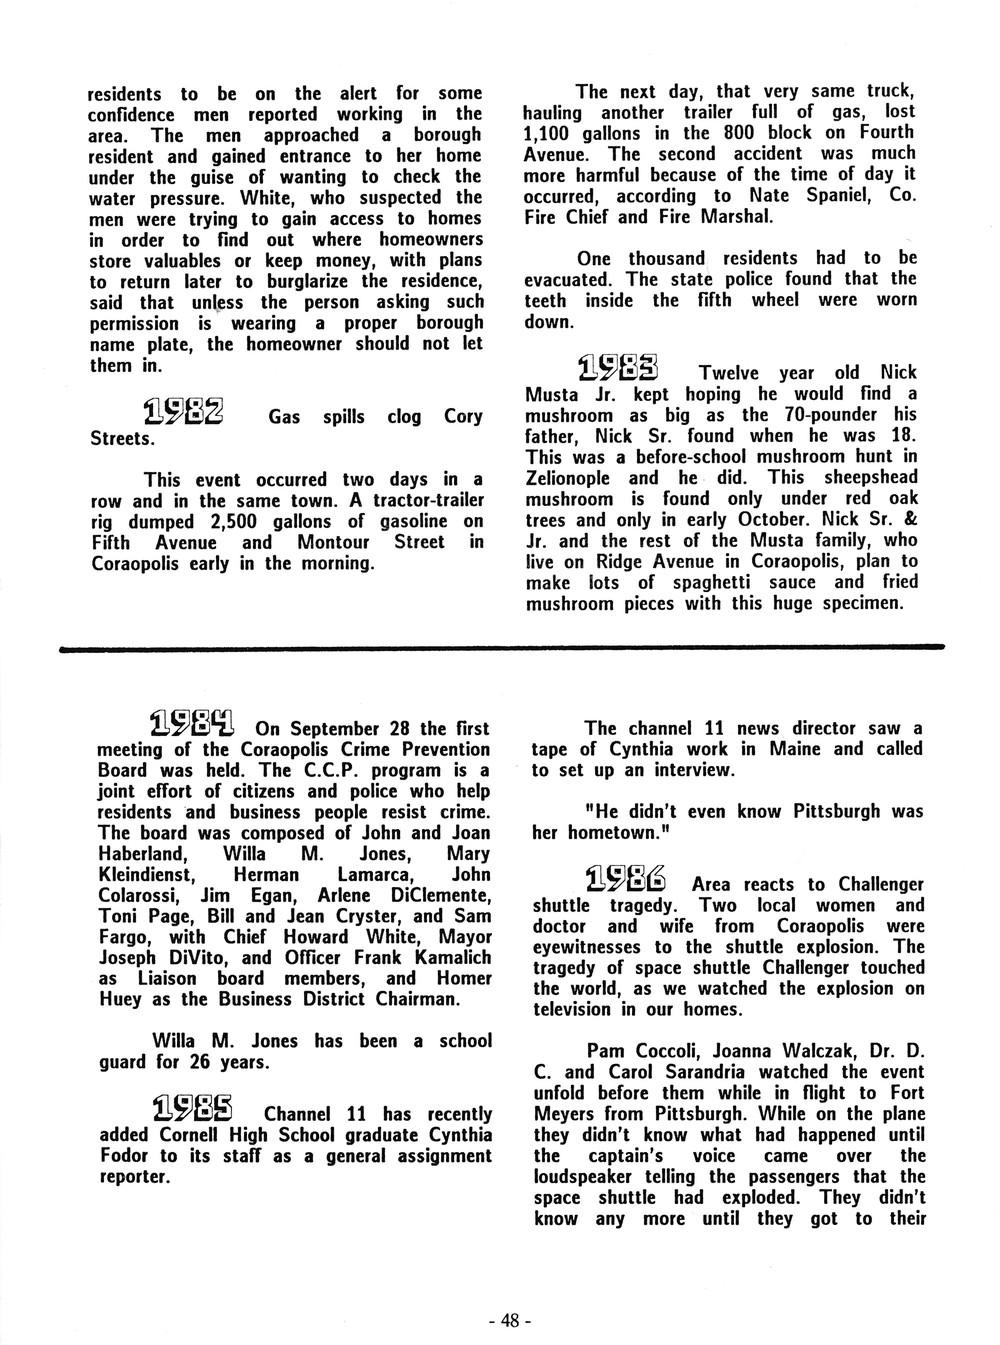 Coraopolis Centennial Booklet (48).jpg